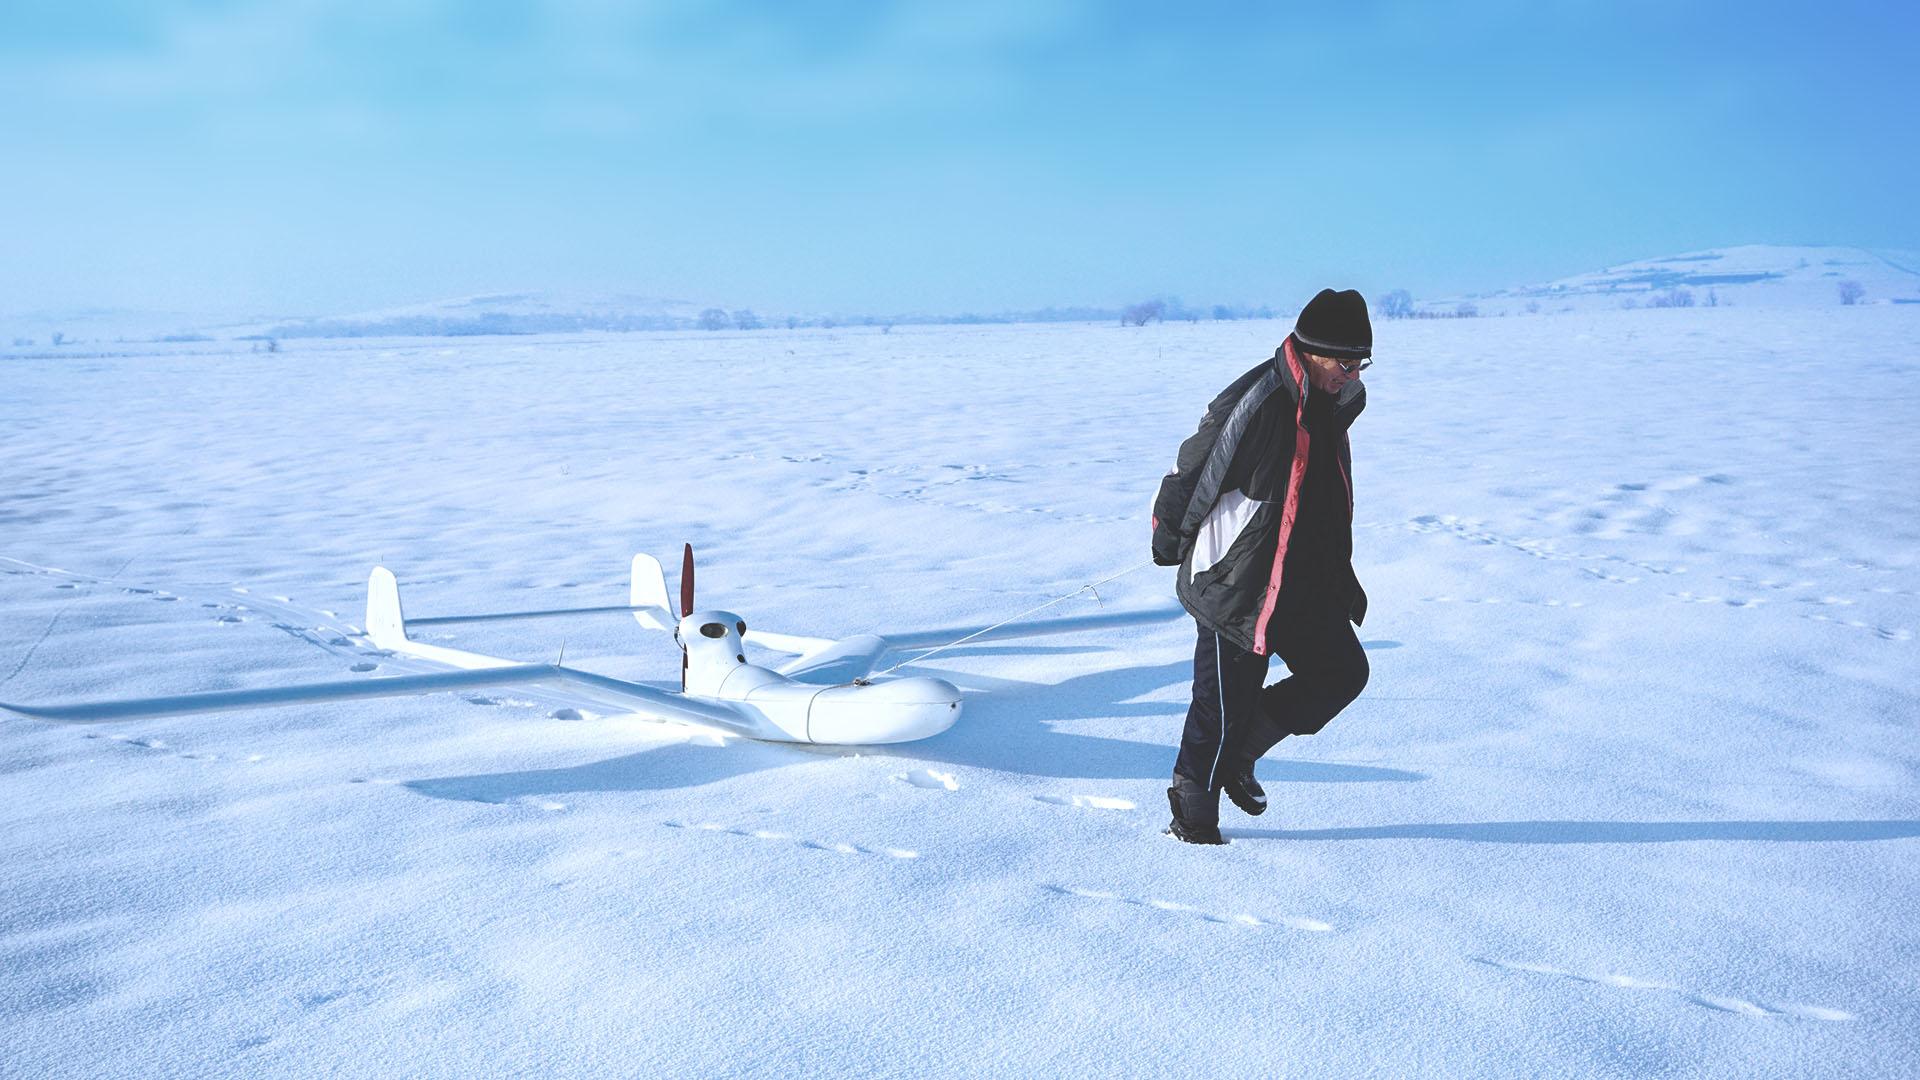 d7 snow takeoff